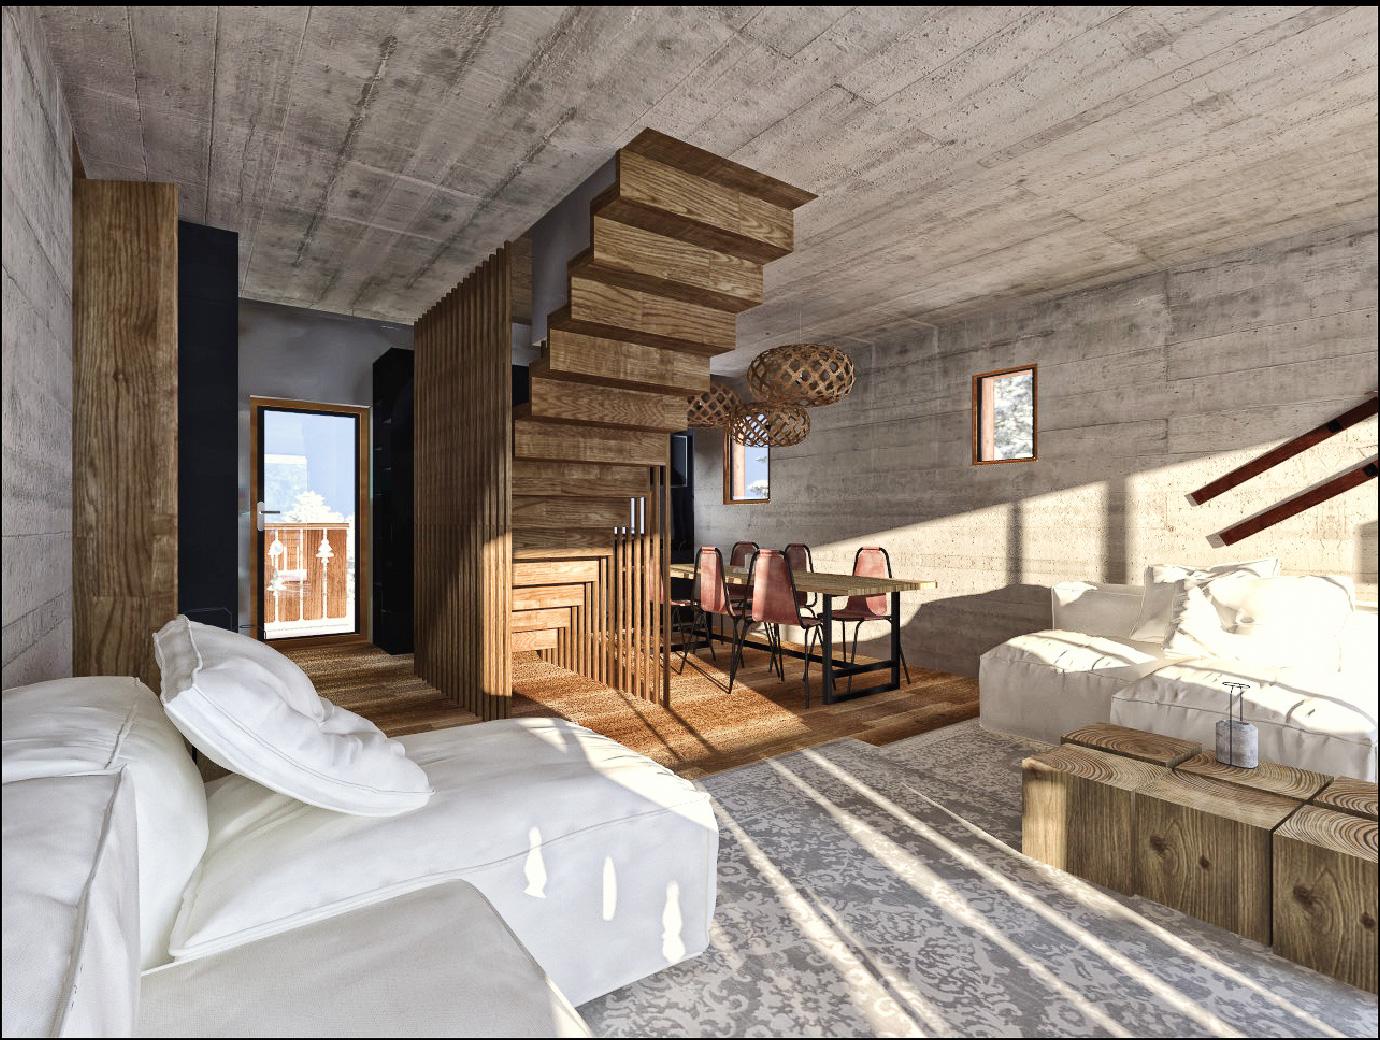 architecte-lyonnais-projet-travaux-rénovation-appartement-aménagement-interieur-montagne-alpes-courchevel-3